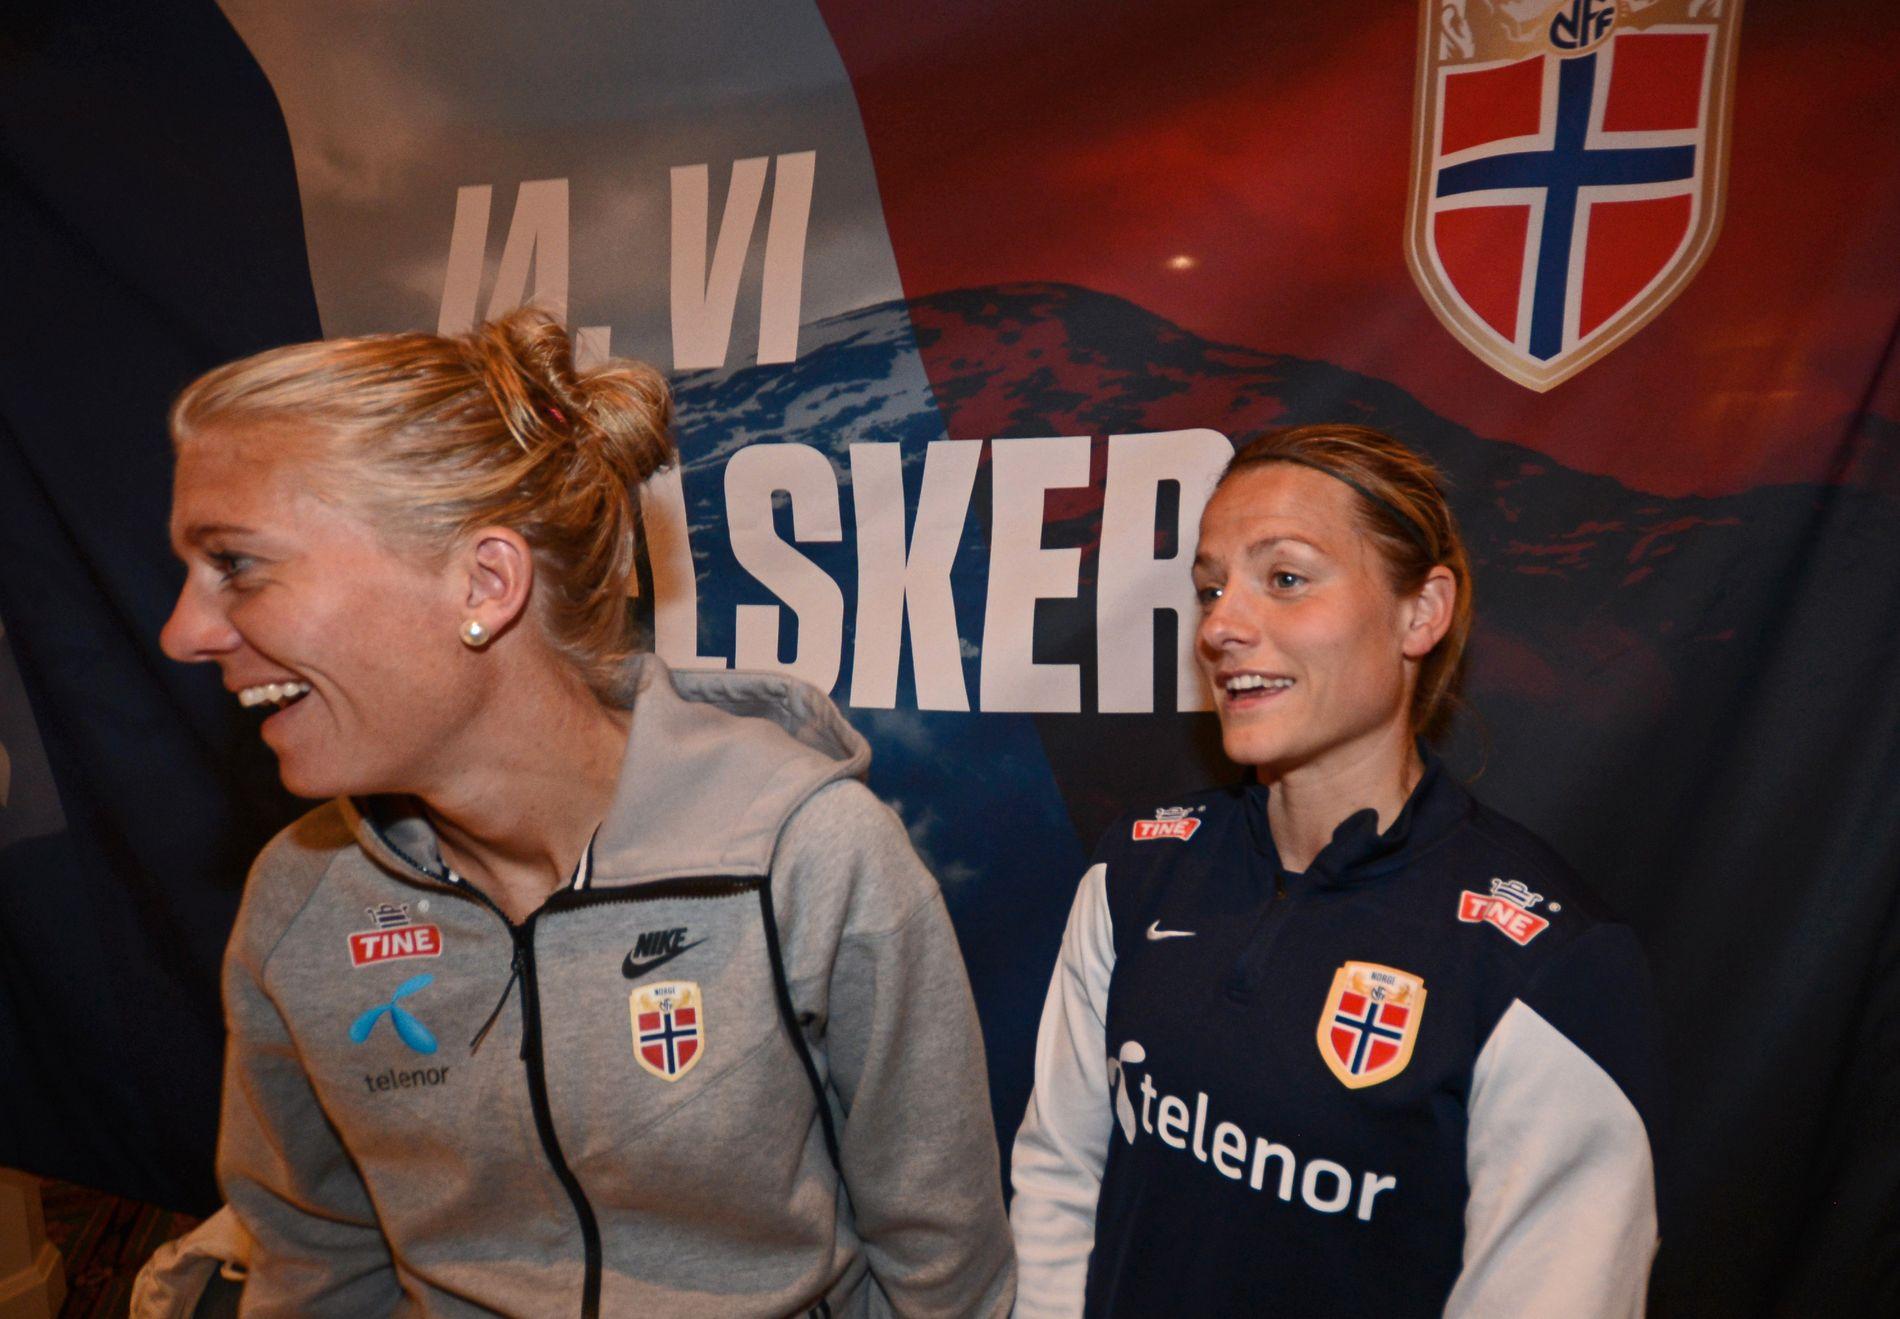 SAMMEN IGJEN: Solveig Gulbrandsen (til venstre) og Trine Rønning skal være med å bygge opp et nytt storlag i Kolbotn. Her er de fotografert i Ottawa, Canada, under fotball-VM i 2015.